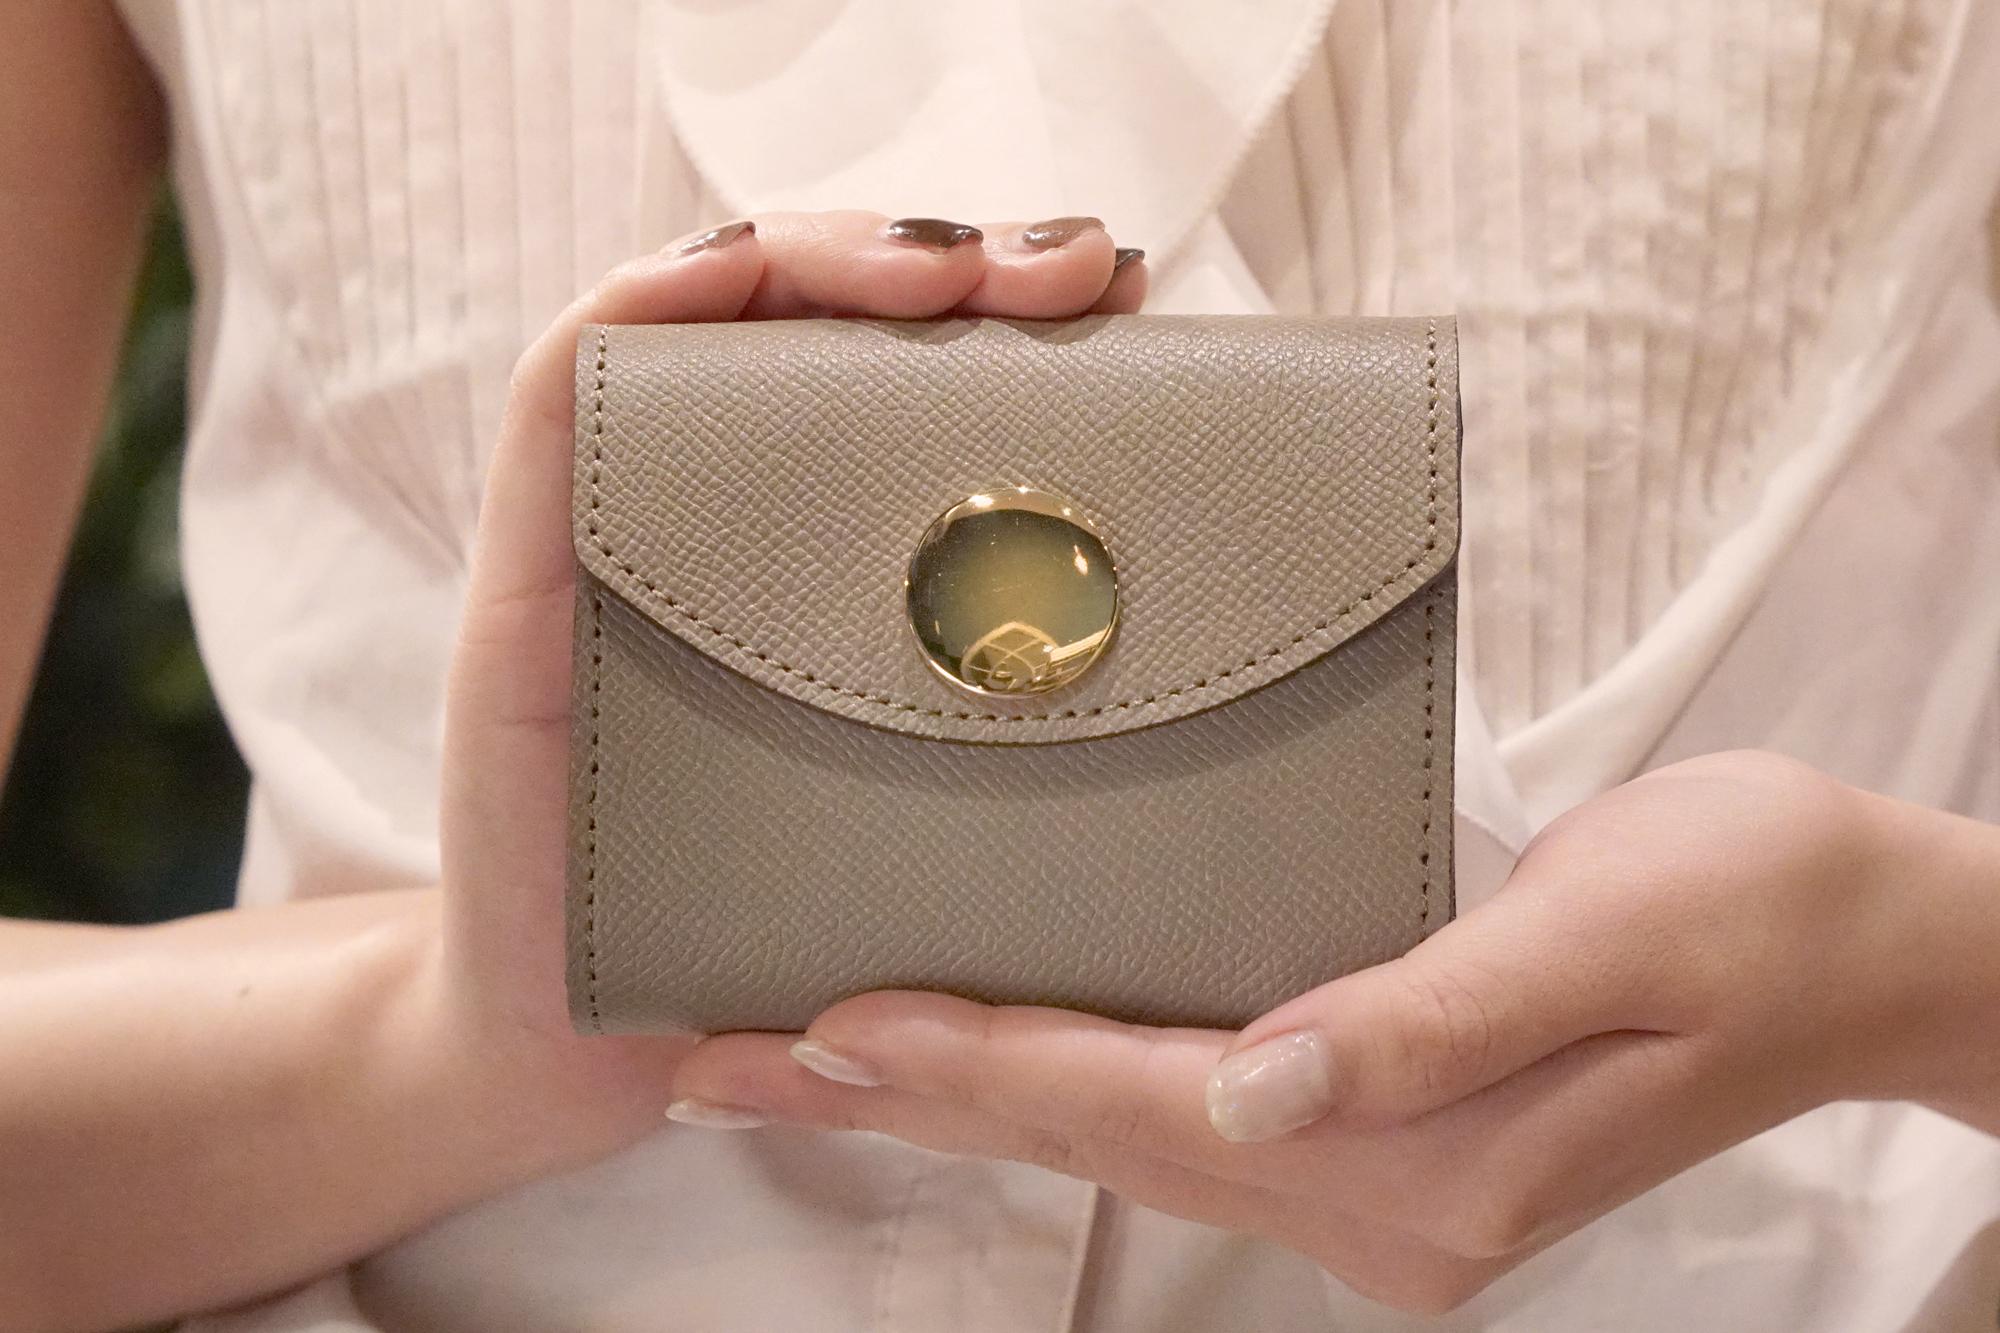 【限定色】身軽にキメたい時のコンパクト財布|ビッグボタン型/パーティーレザーグレージュ(本革製)